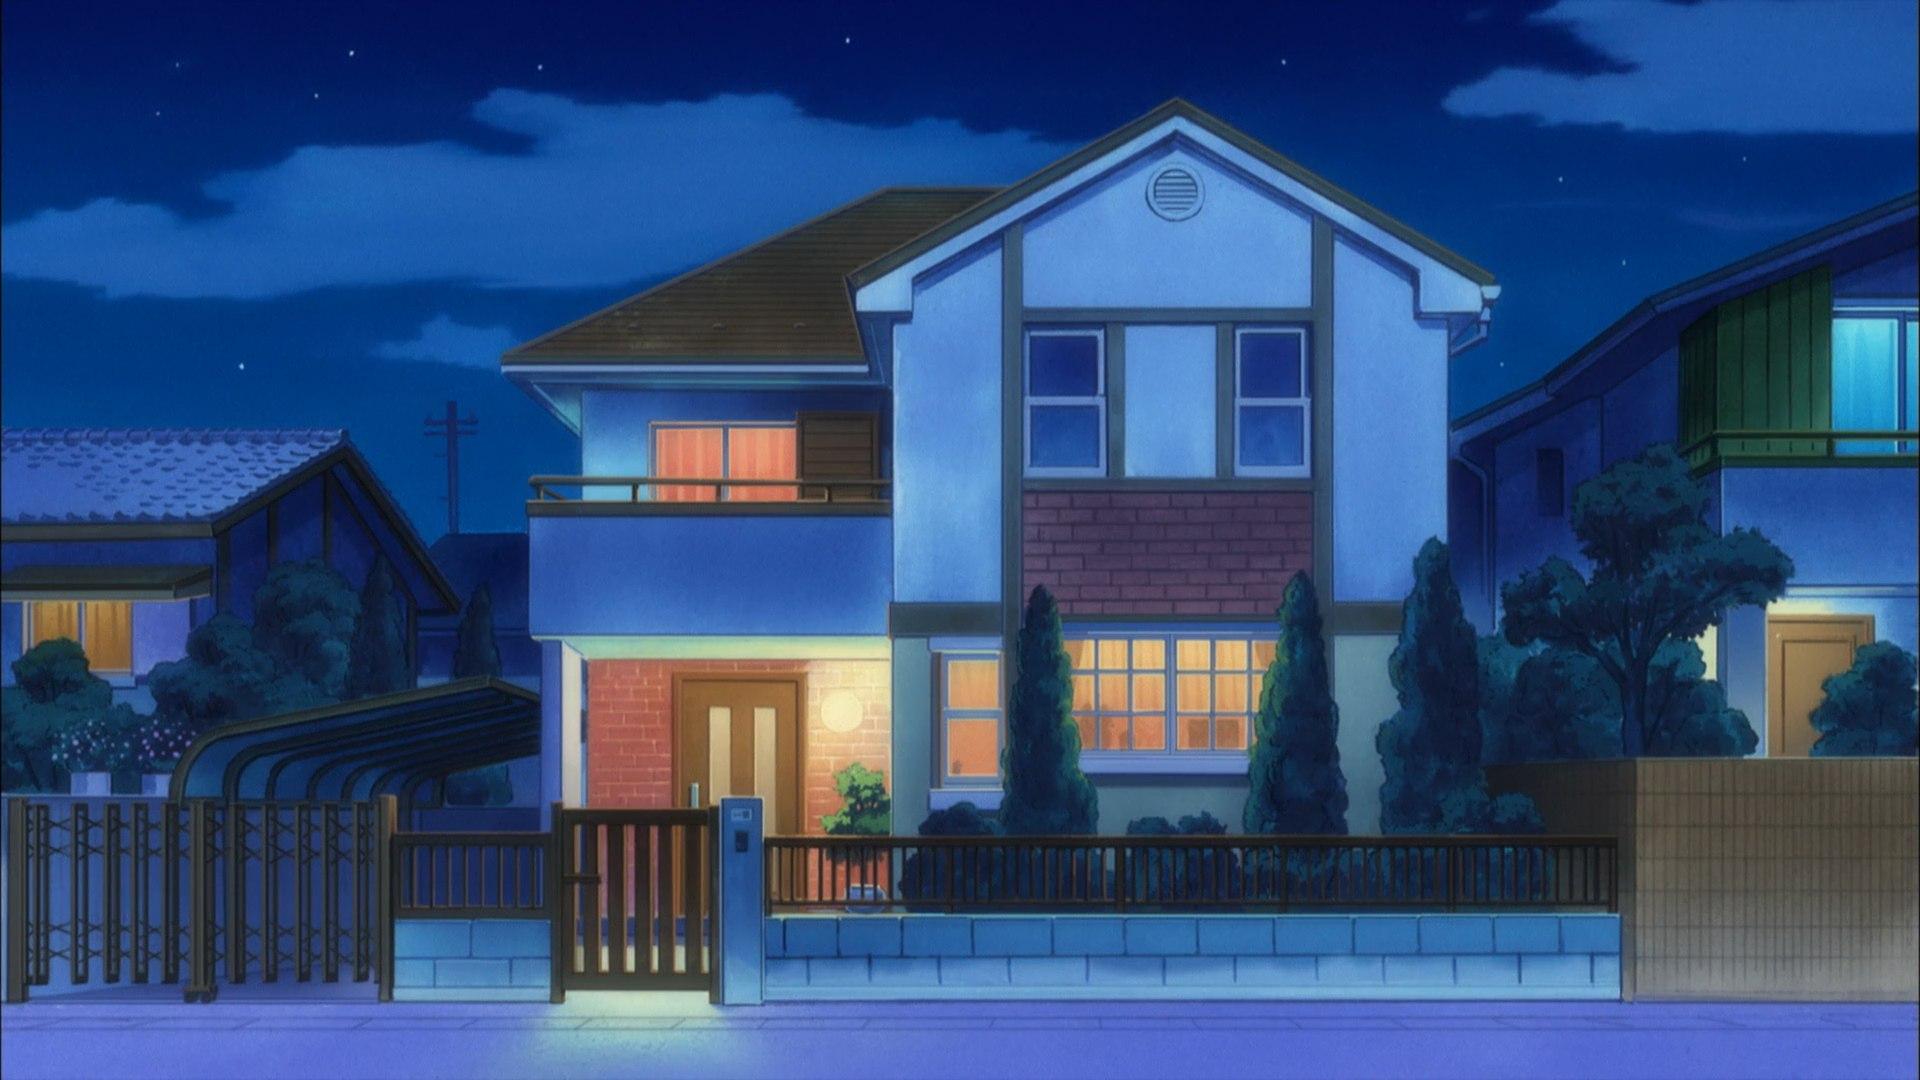 Hitoribocchi no Marumaru Seikatsu - Podsumowanie roku anime 2019 - rascal.pl